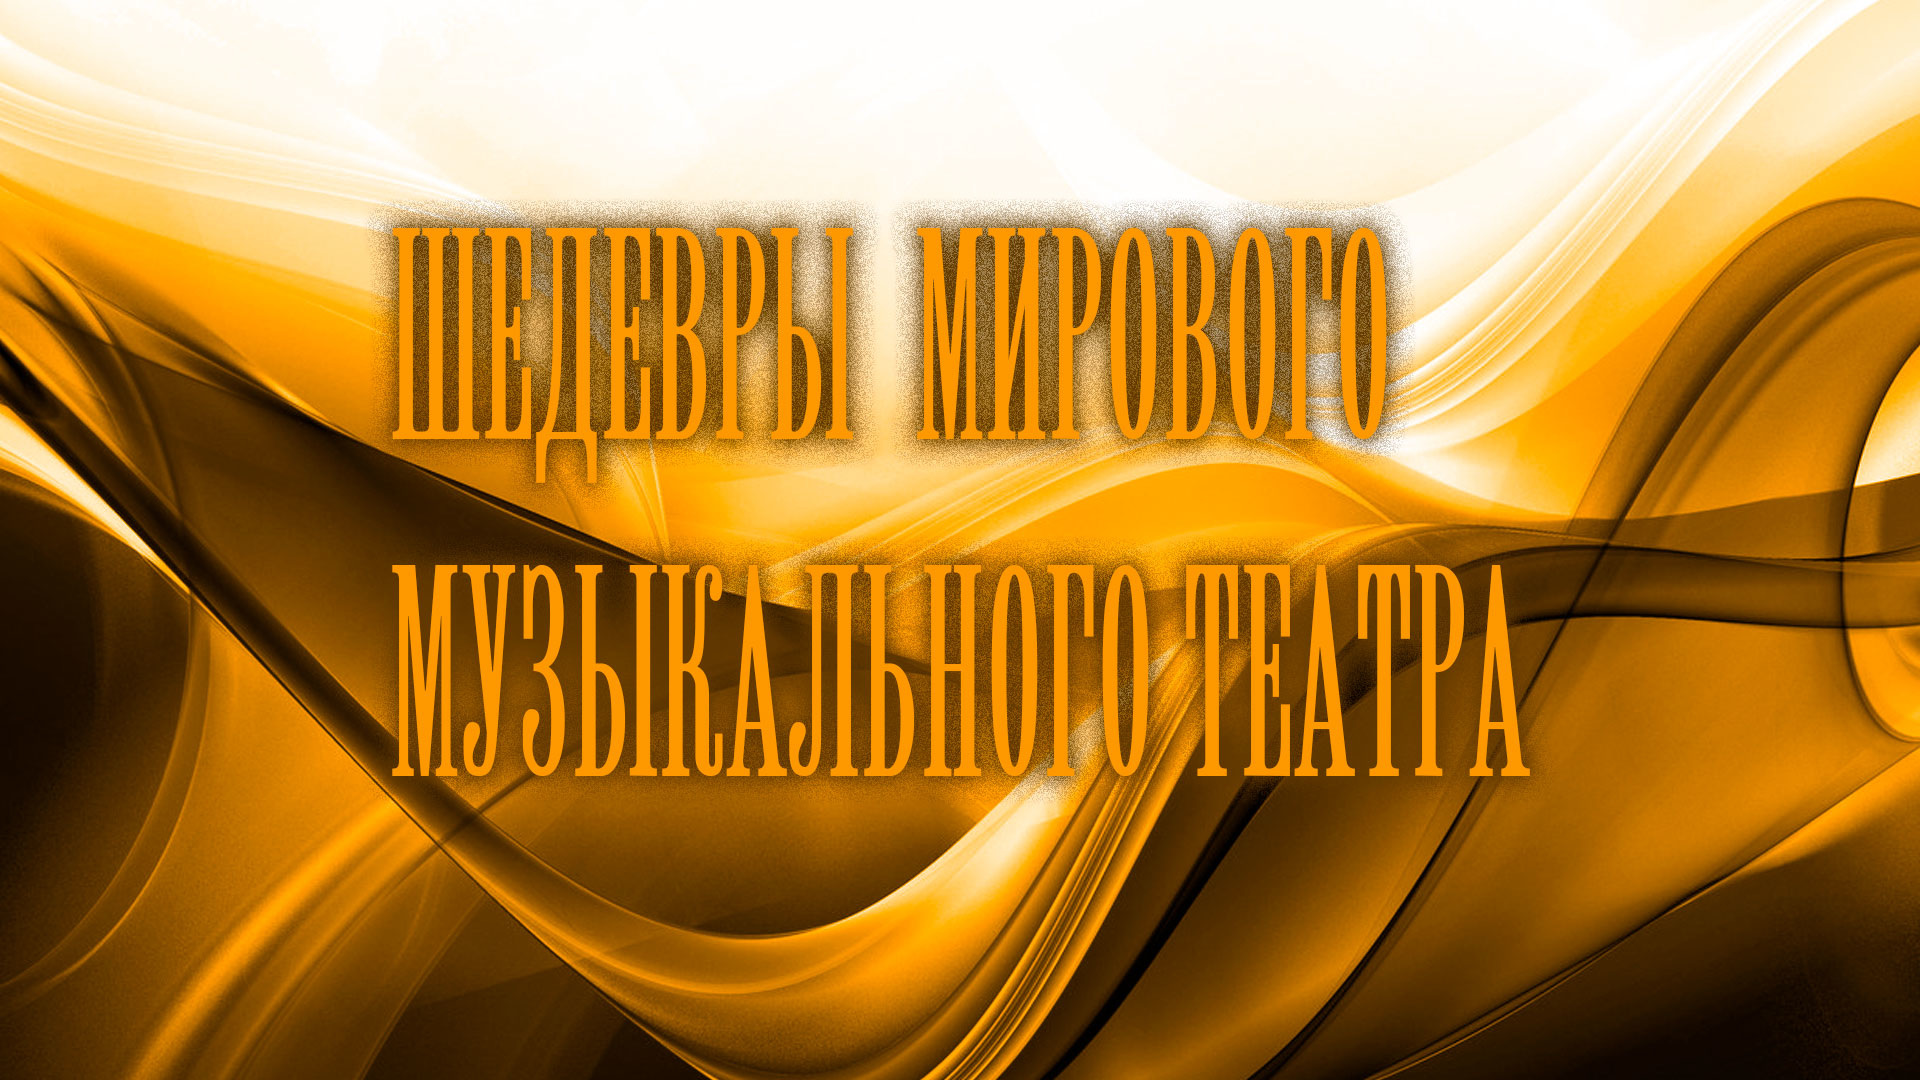 Шедевры мирового музыкального театра